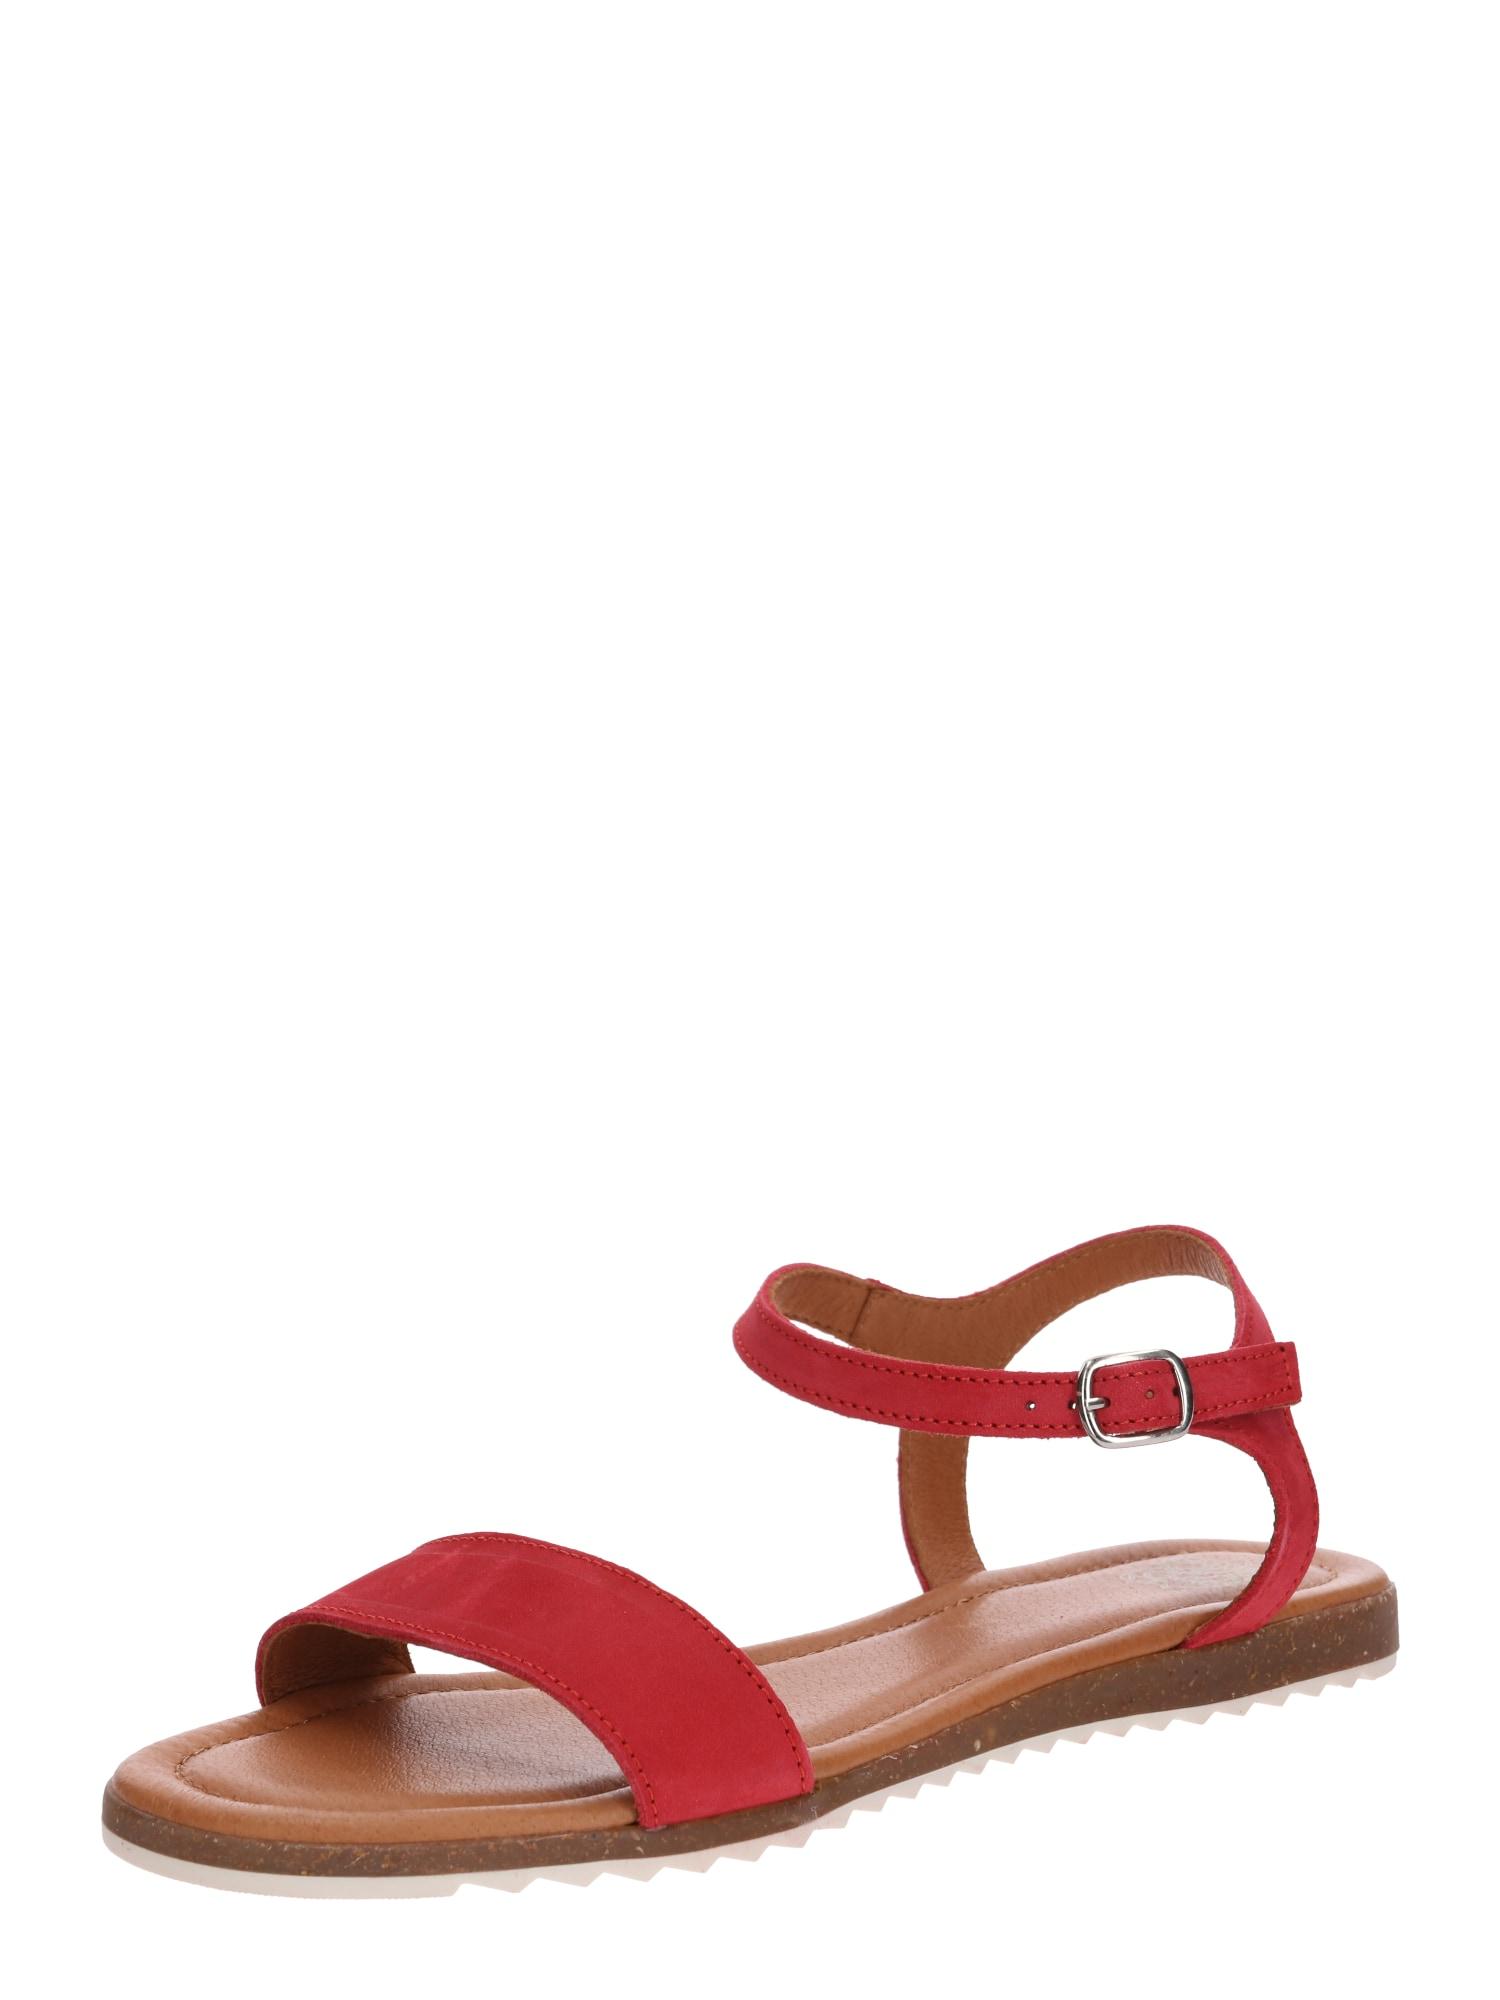 Páskové sandály Lara béžová červená Apple Of Eden